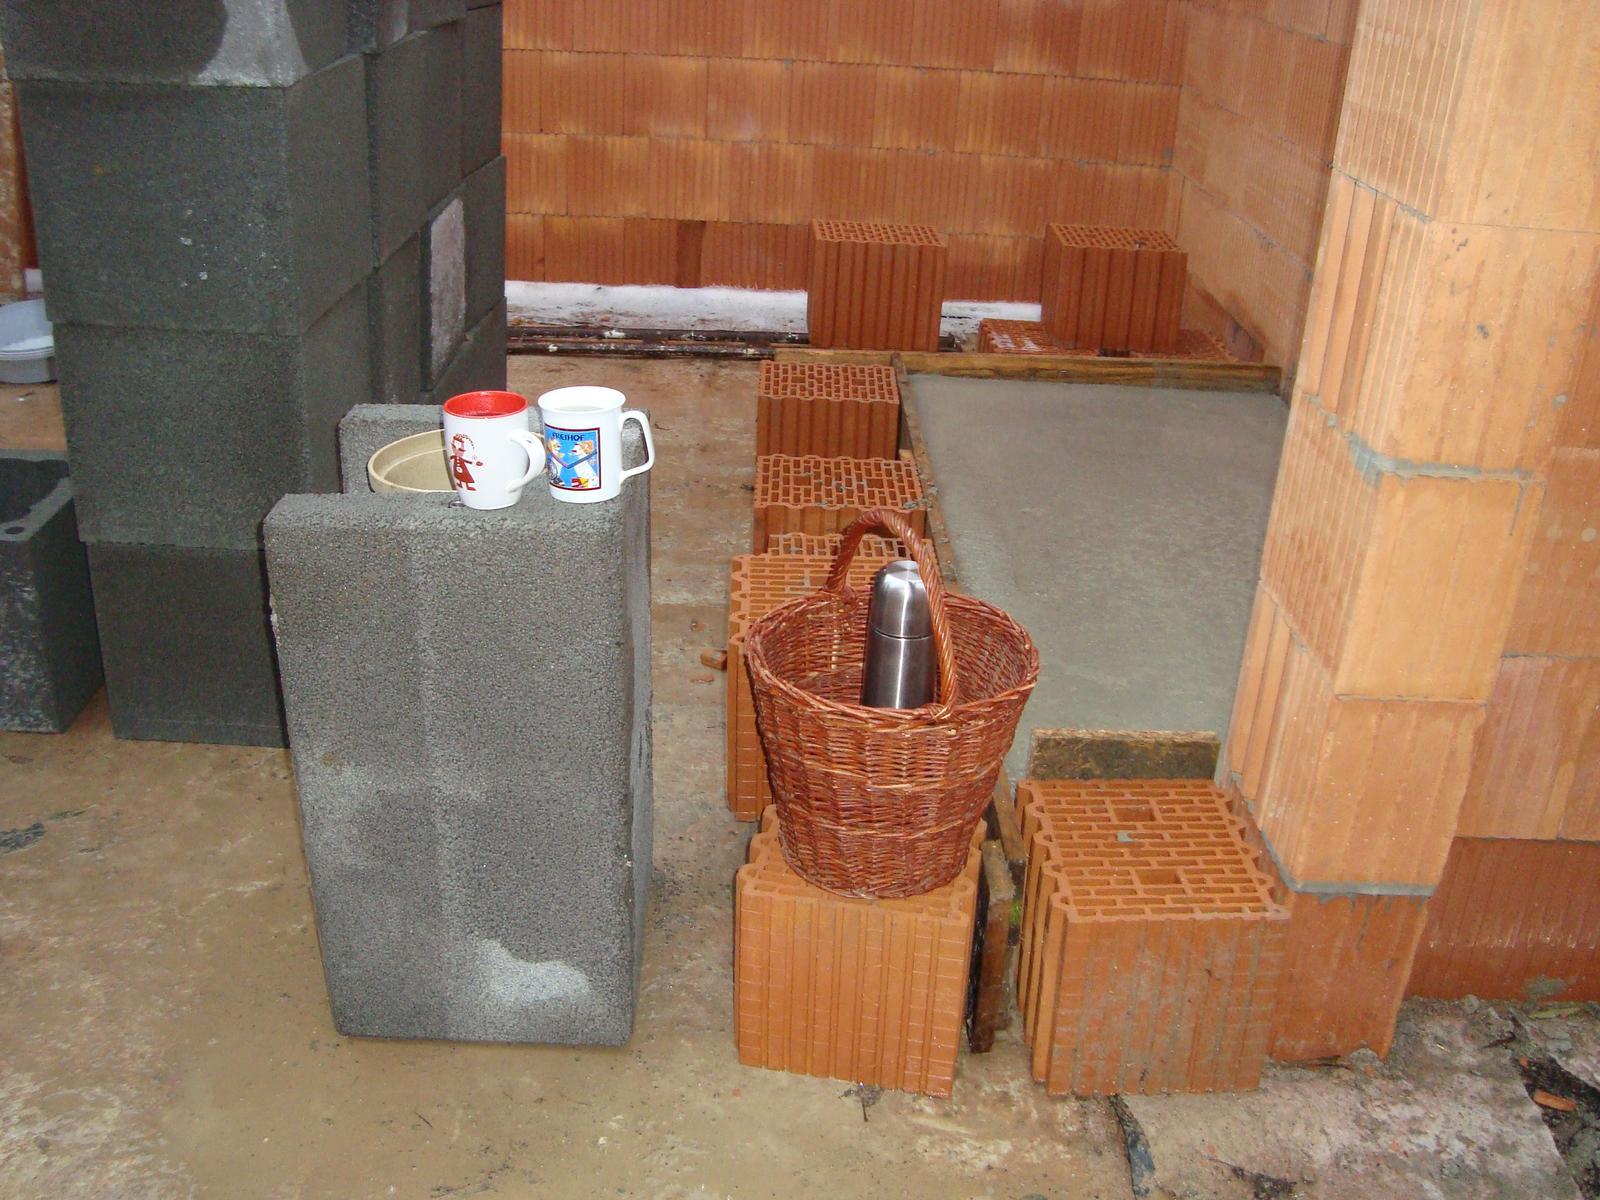 Naša chalupa - základná doska pod murovaný šporák je hotová...o dva roky sa bude variť už čajík na ňom!